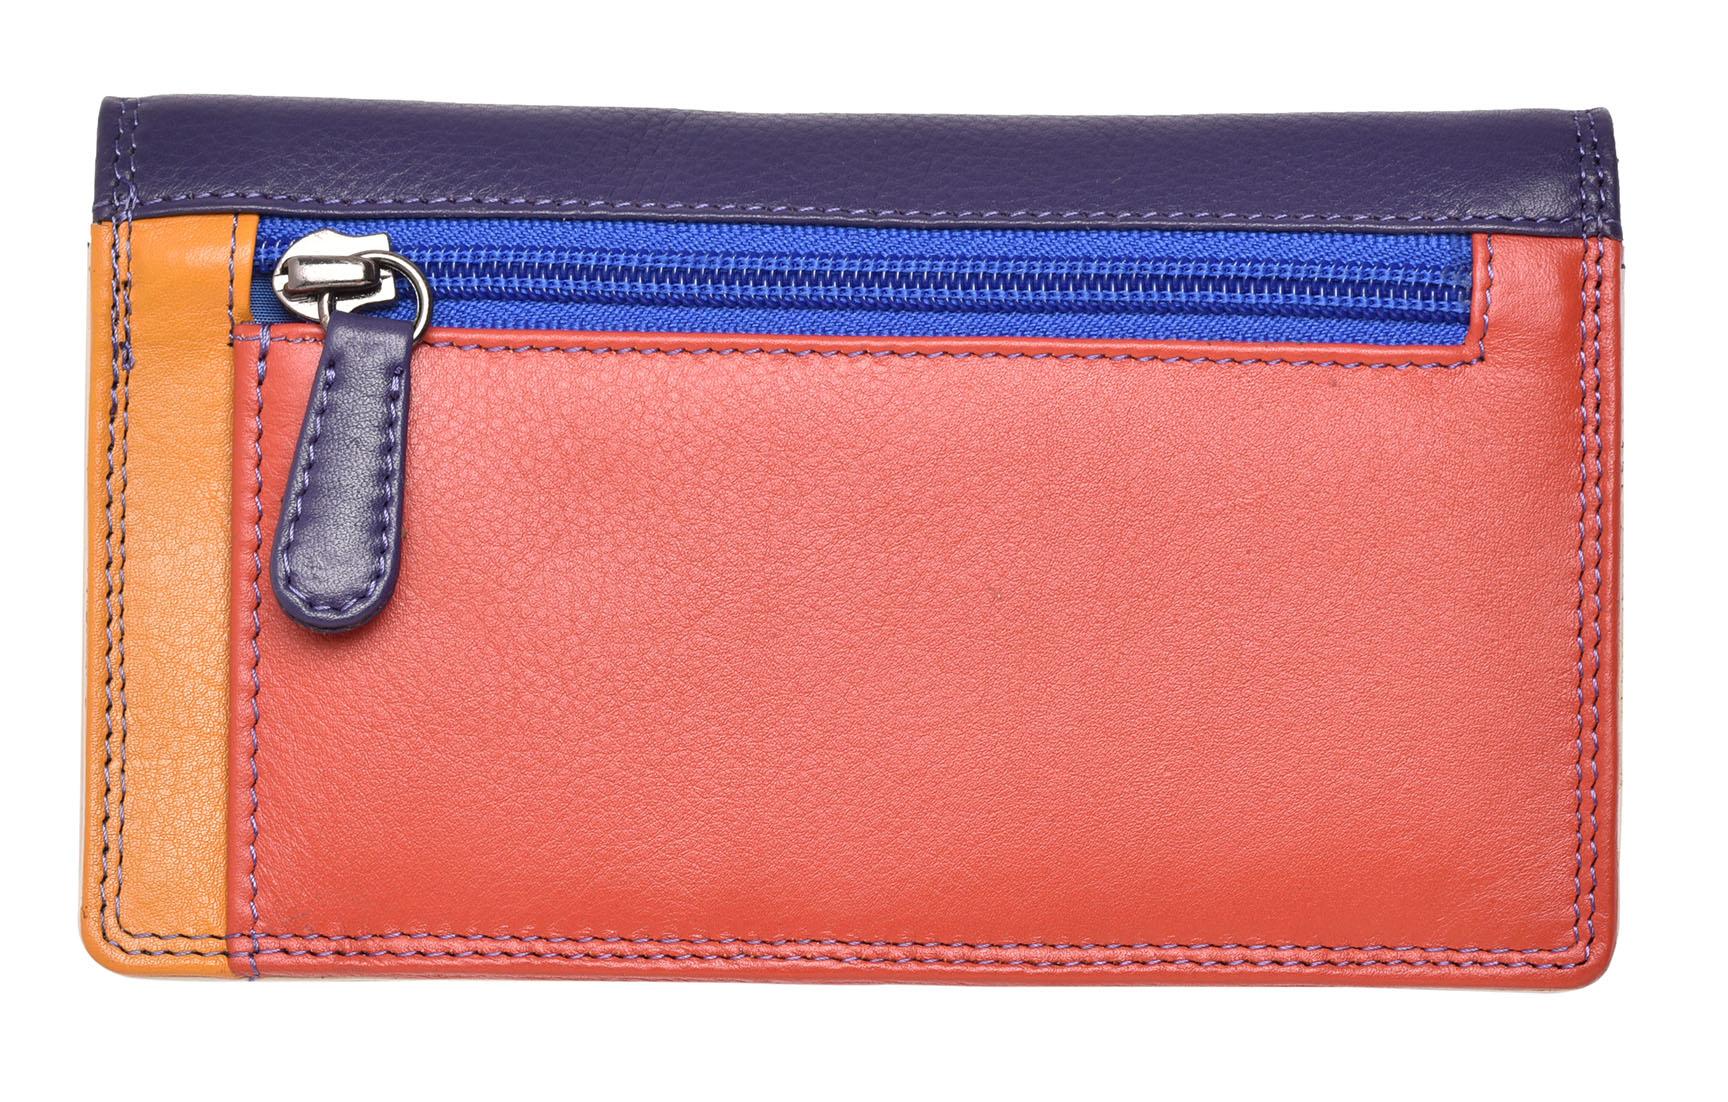 FEMMES-SUPER-DOUX-D-039-ORIGINE-LUXE-en-cuir-Enveloppe-RFID-Bloquant-Purse-Wallet miniature 8